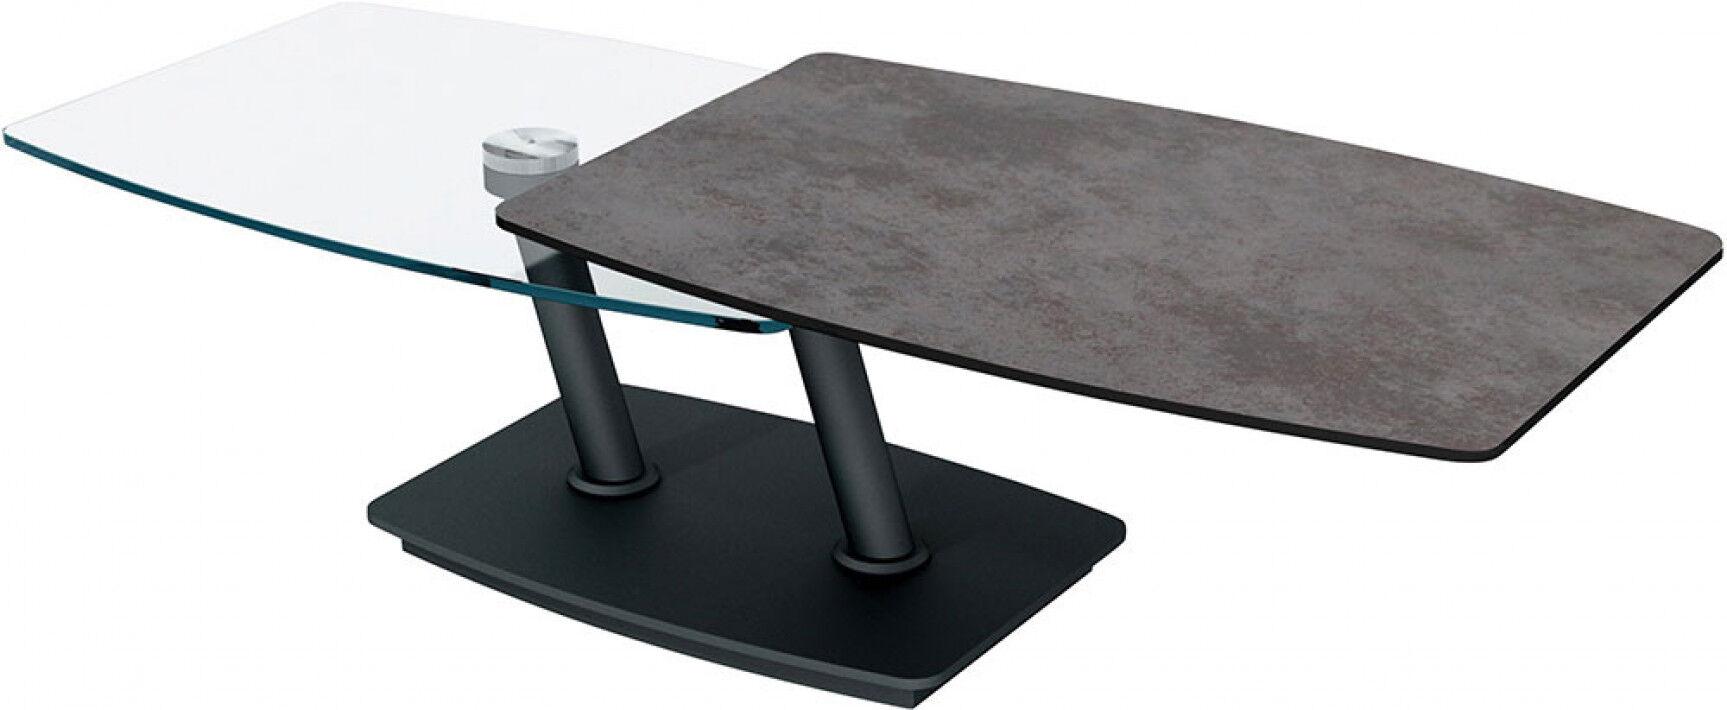 Destock Meubles Table basse design double plateau en verre rectangulaire